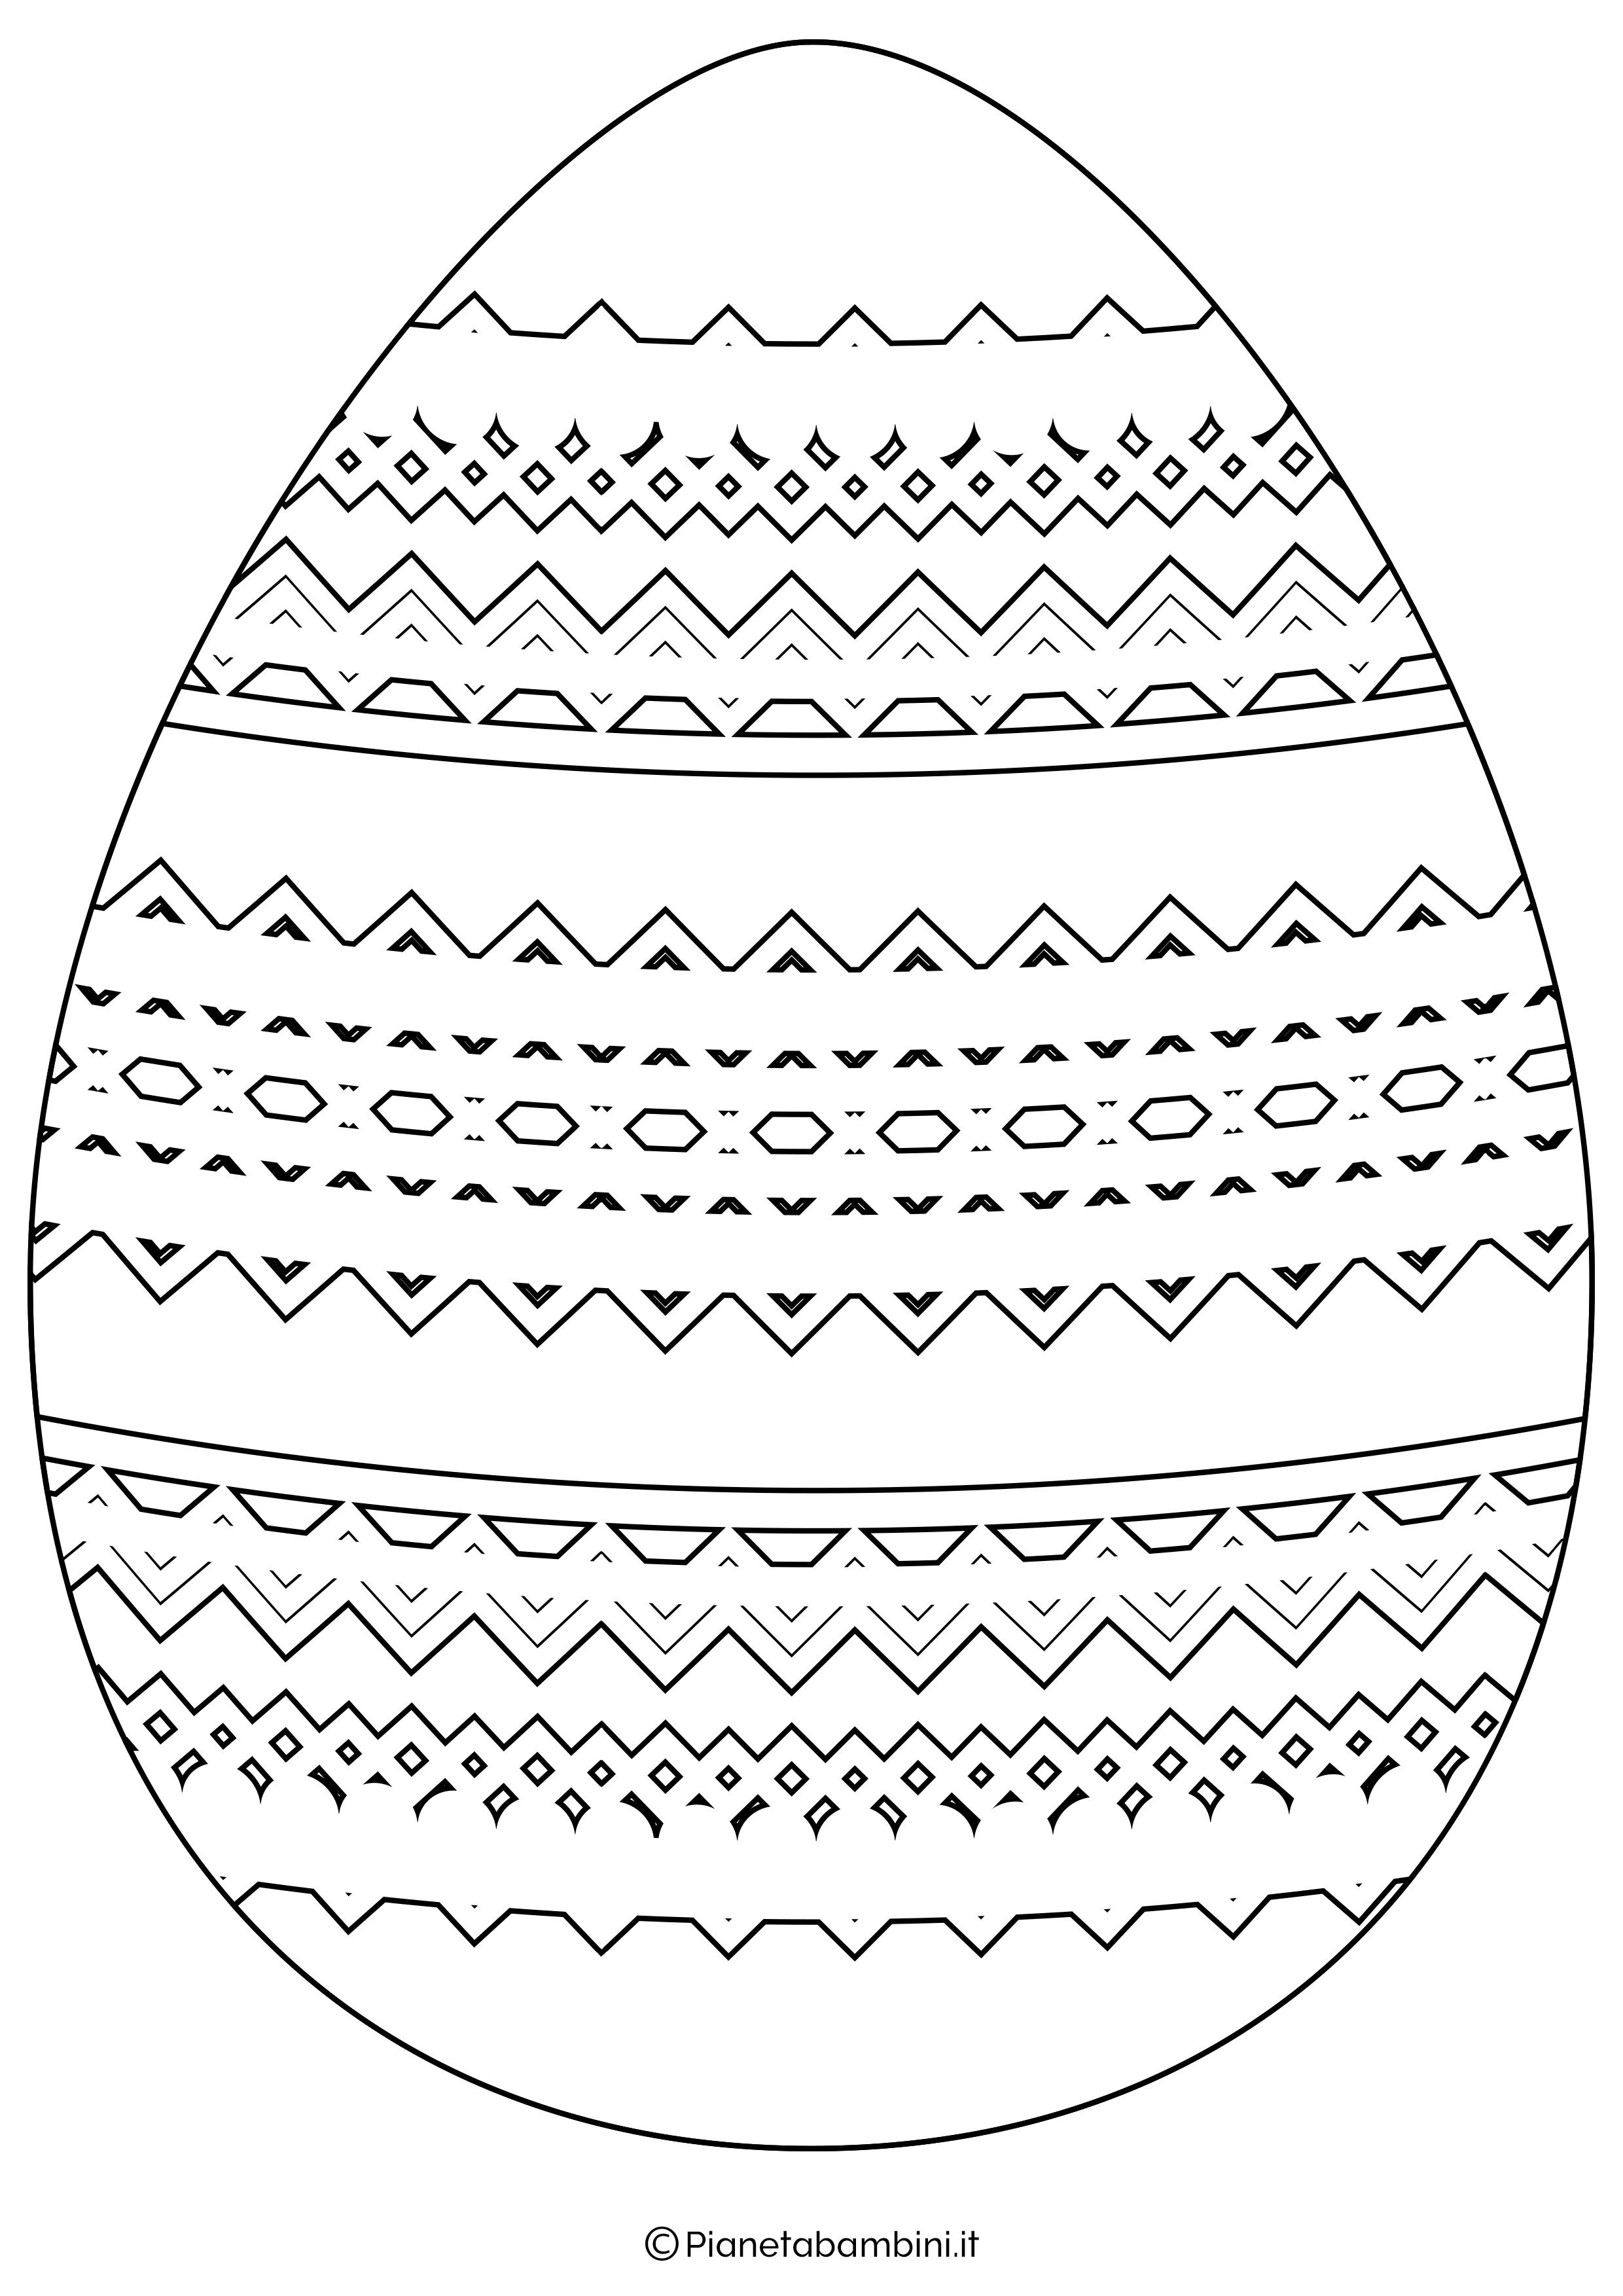 Sagome E Disegni Di Uova Di Pasqua Da Stampare E Colorare